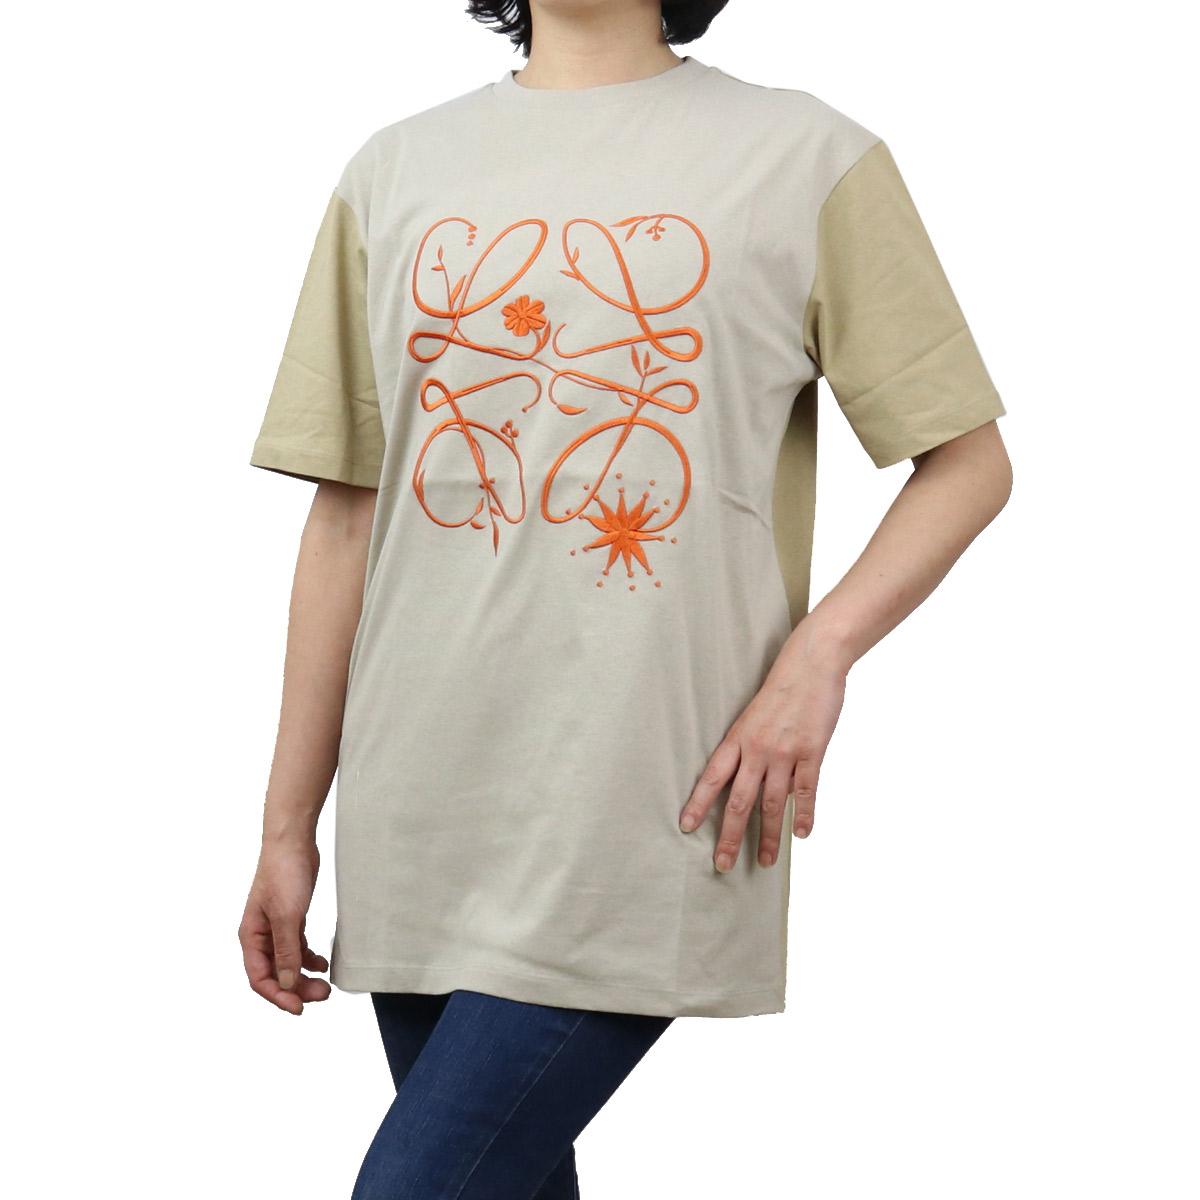 ロエベ LOEWE レディース-Tシャツ S540Y22X08 4000 ベージュ系 bos-35 apparel-01 レディース ts-01